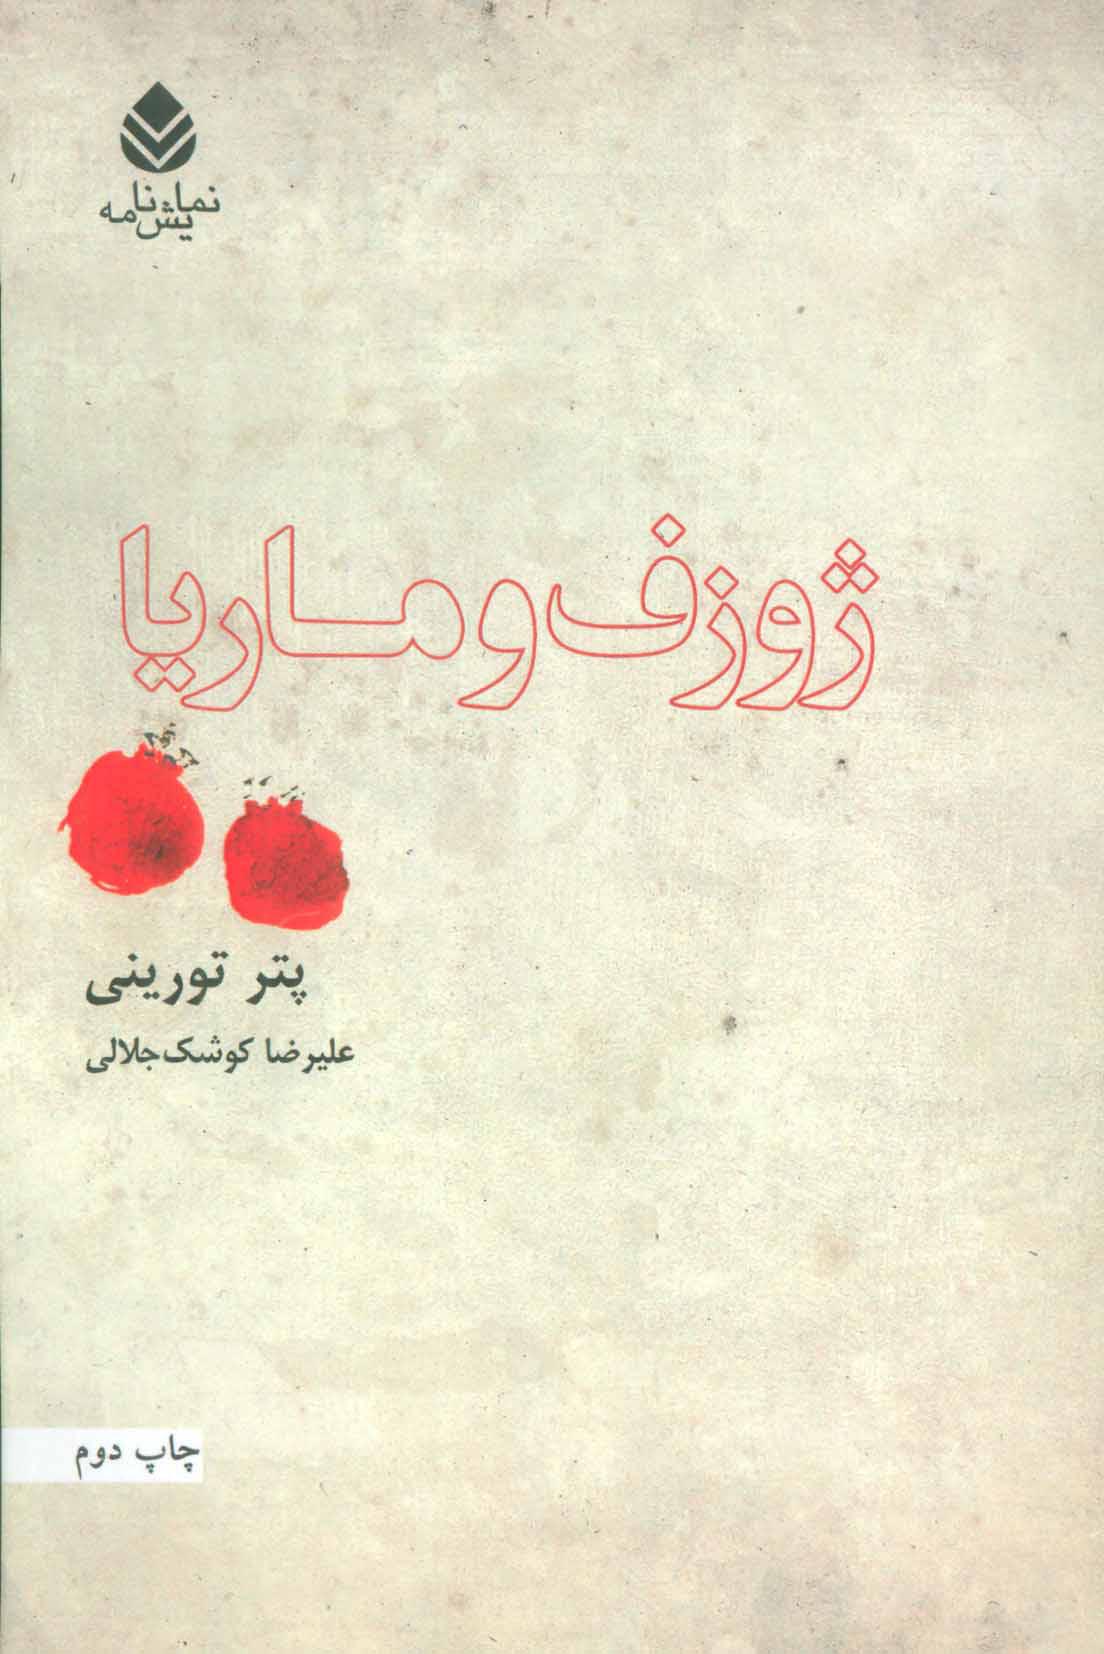 کتاب ژوزف و ماریا